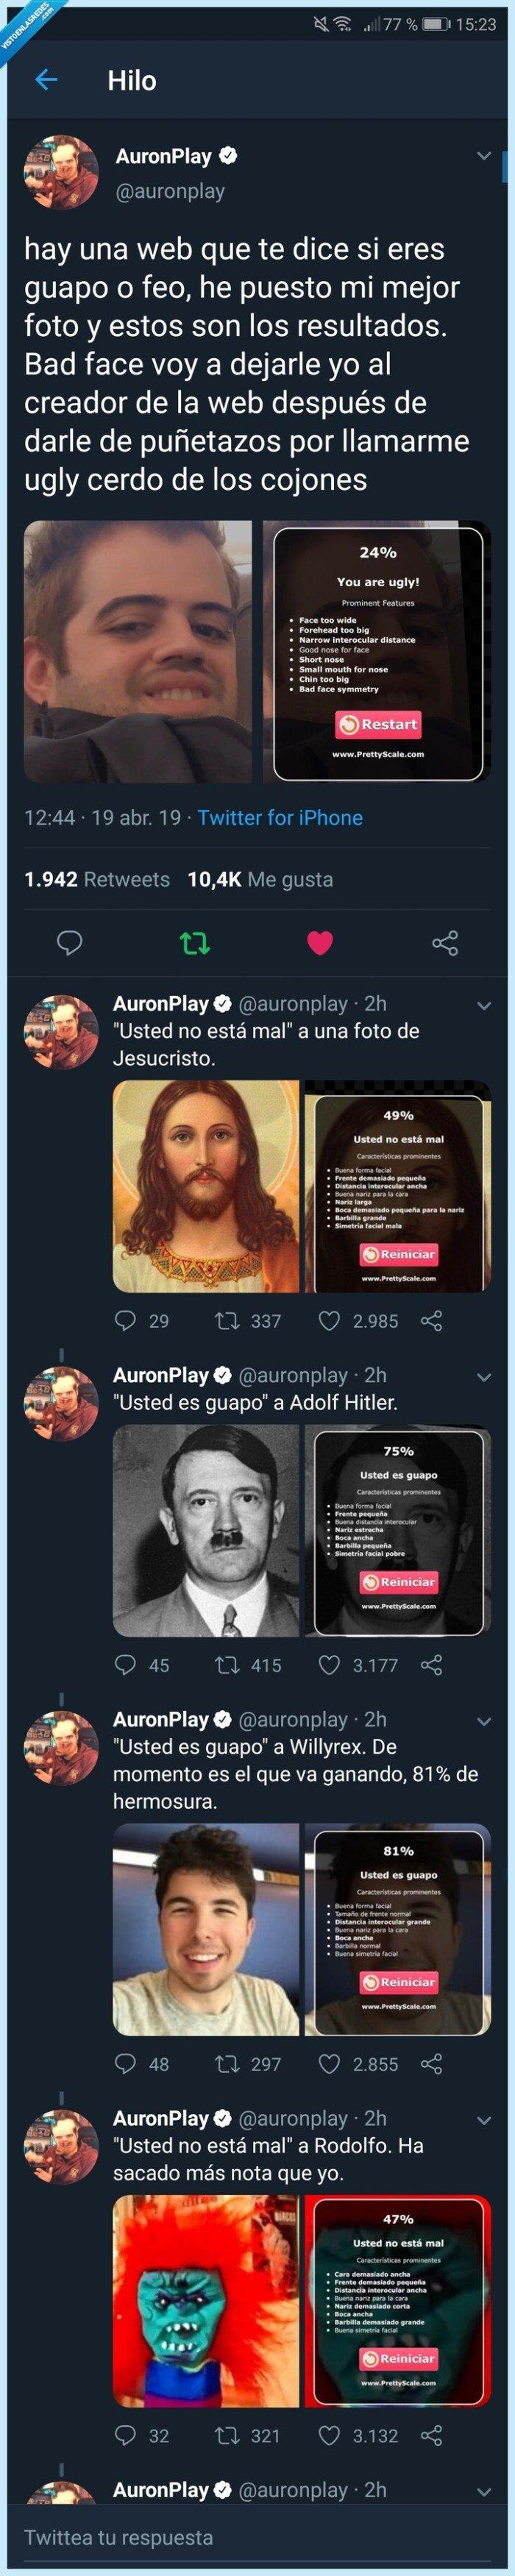 auronplay,Twitter